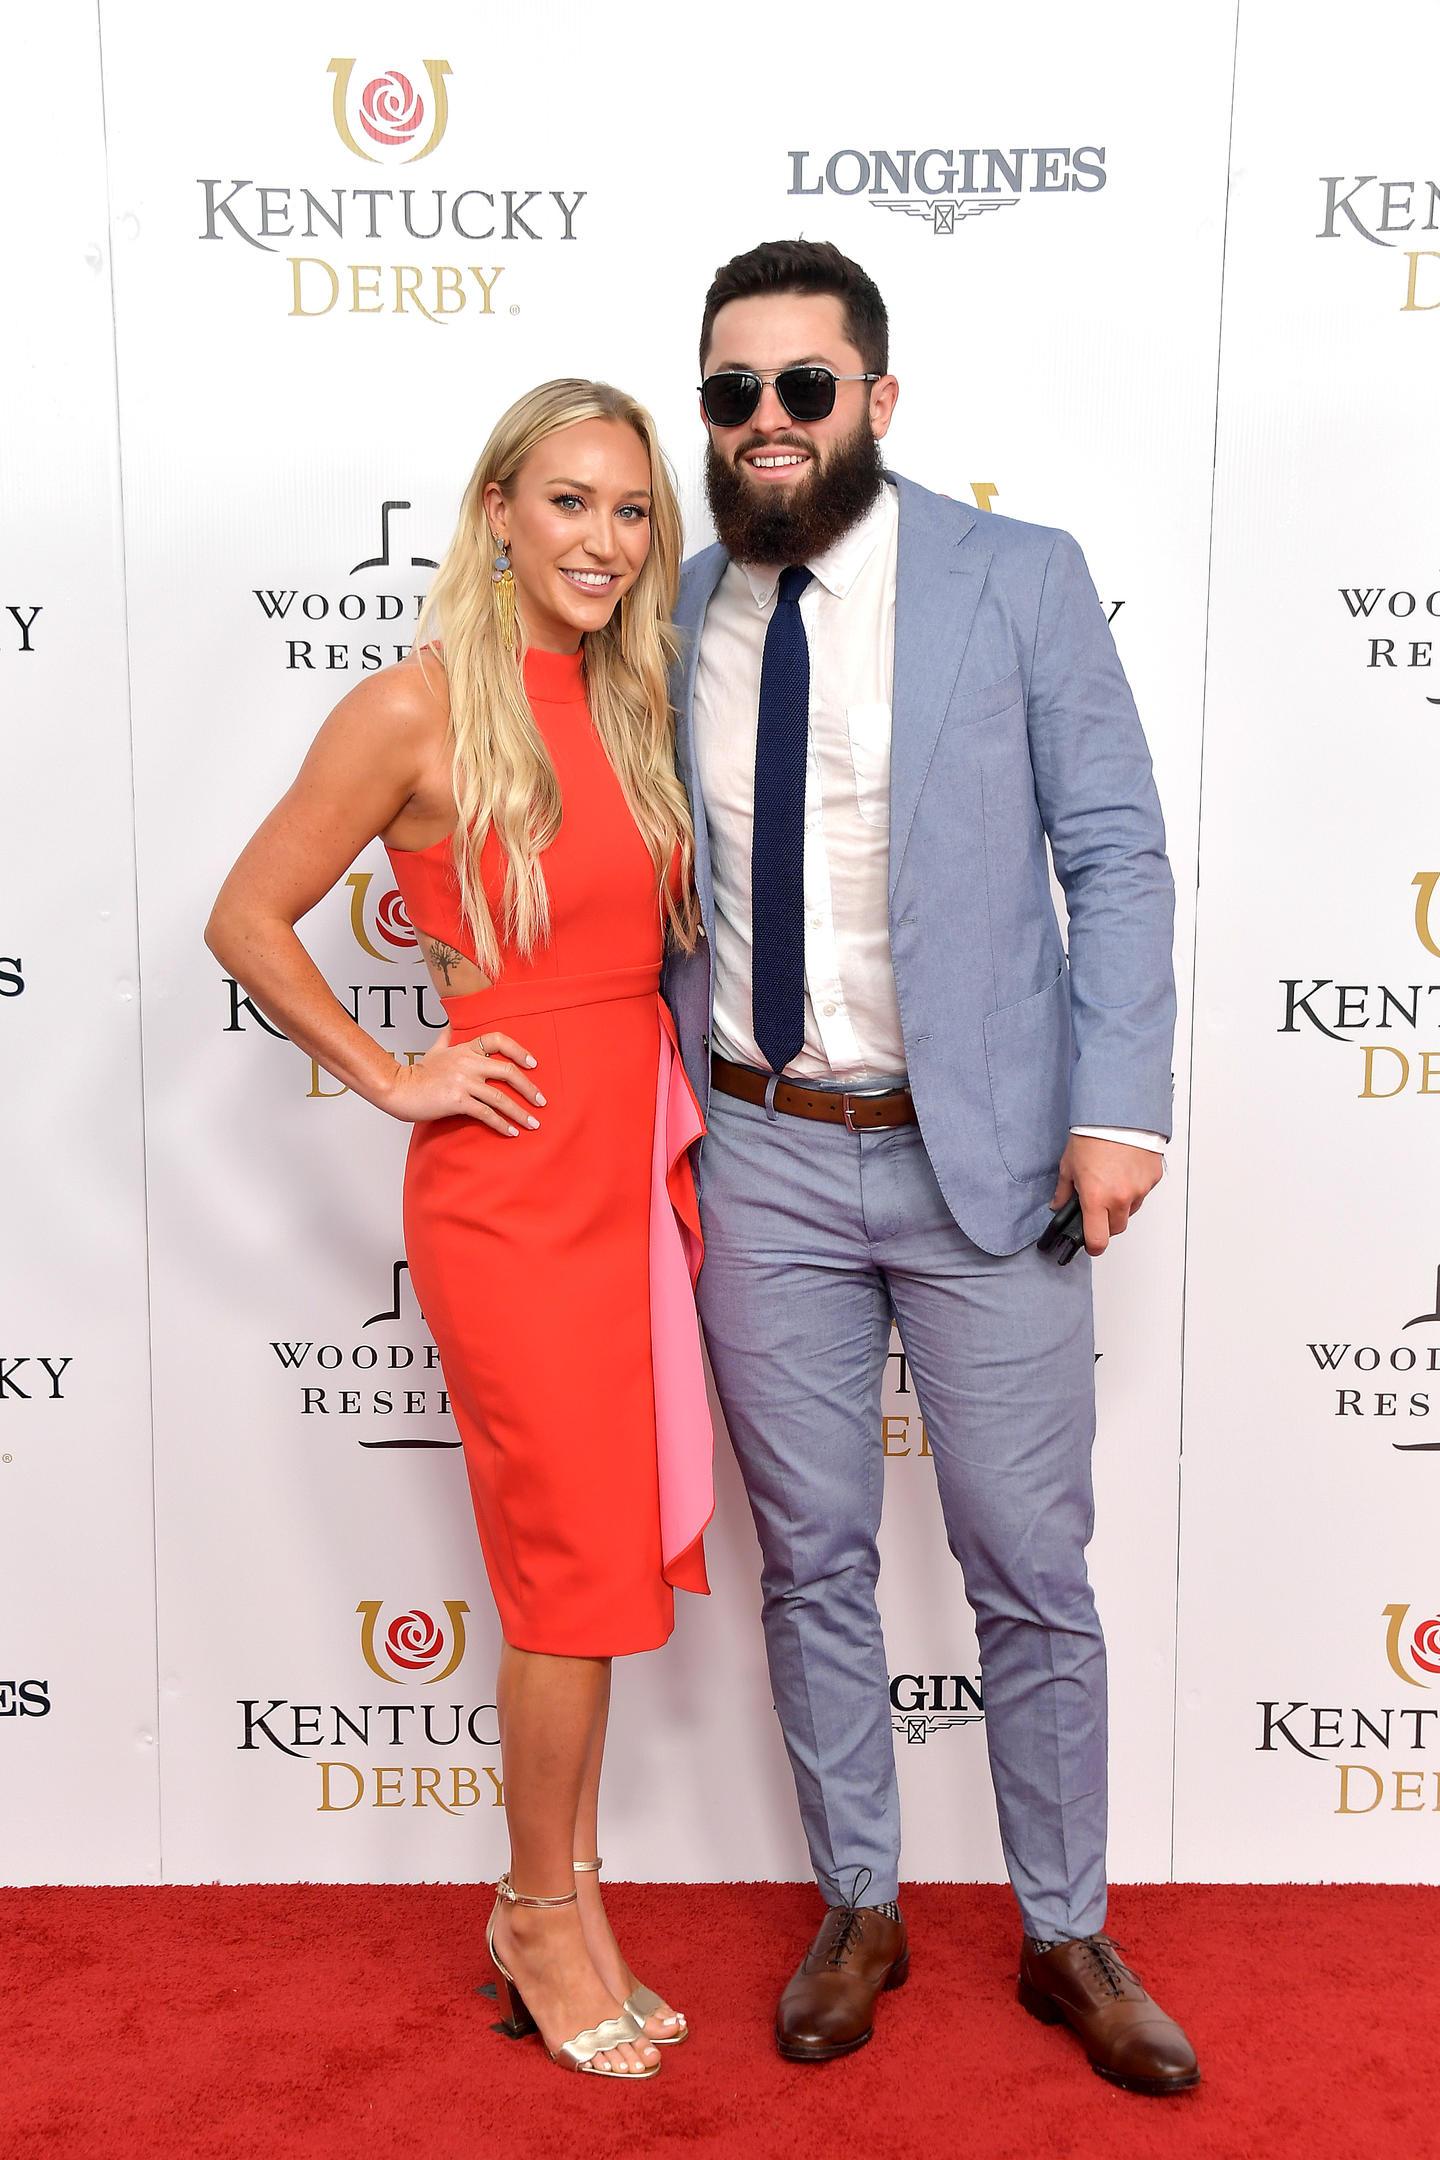 Kentucky Derby 145 - Red Carpet